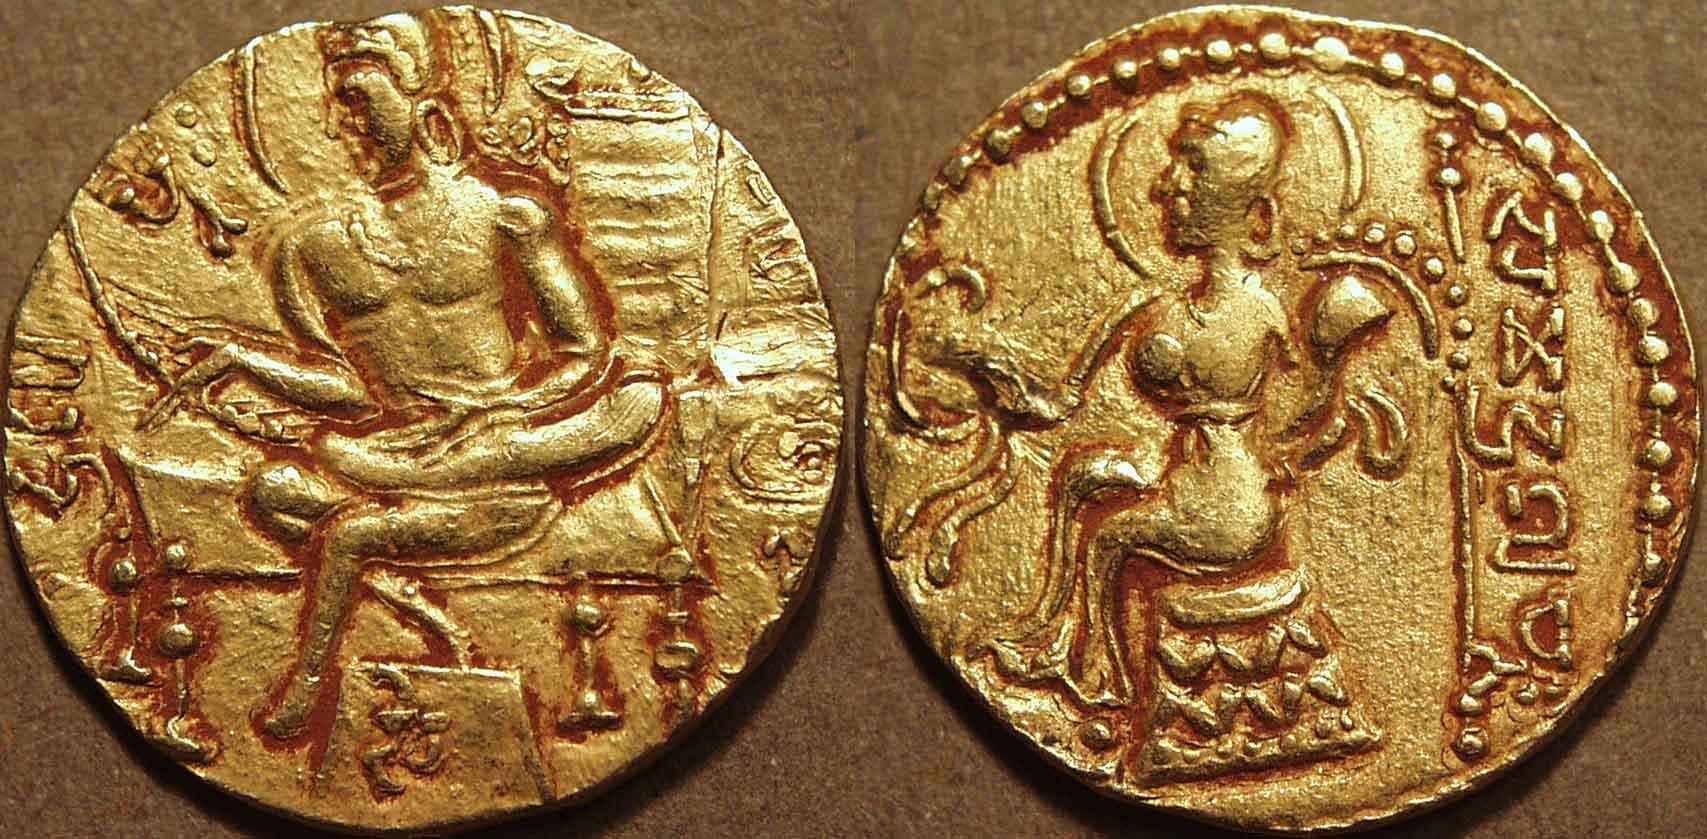 samudragupta coins